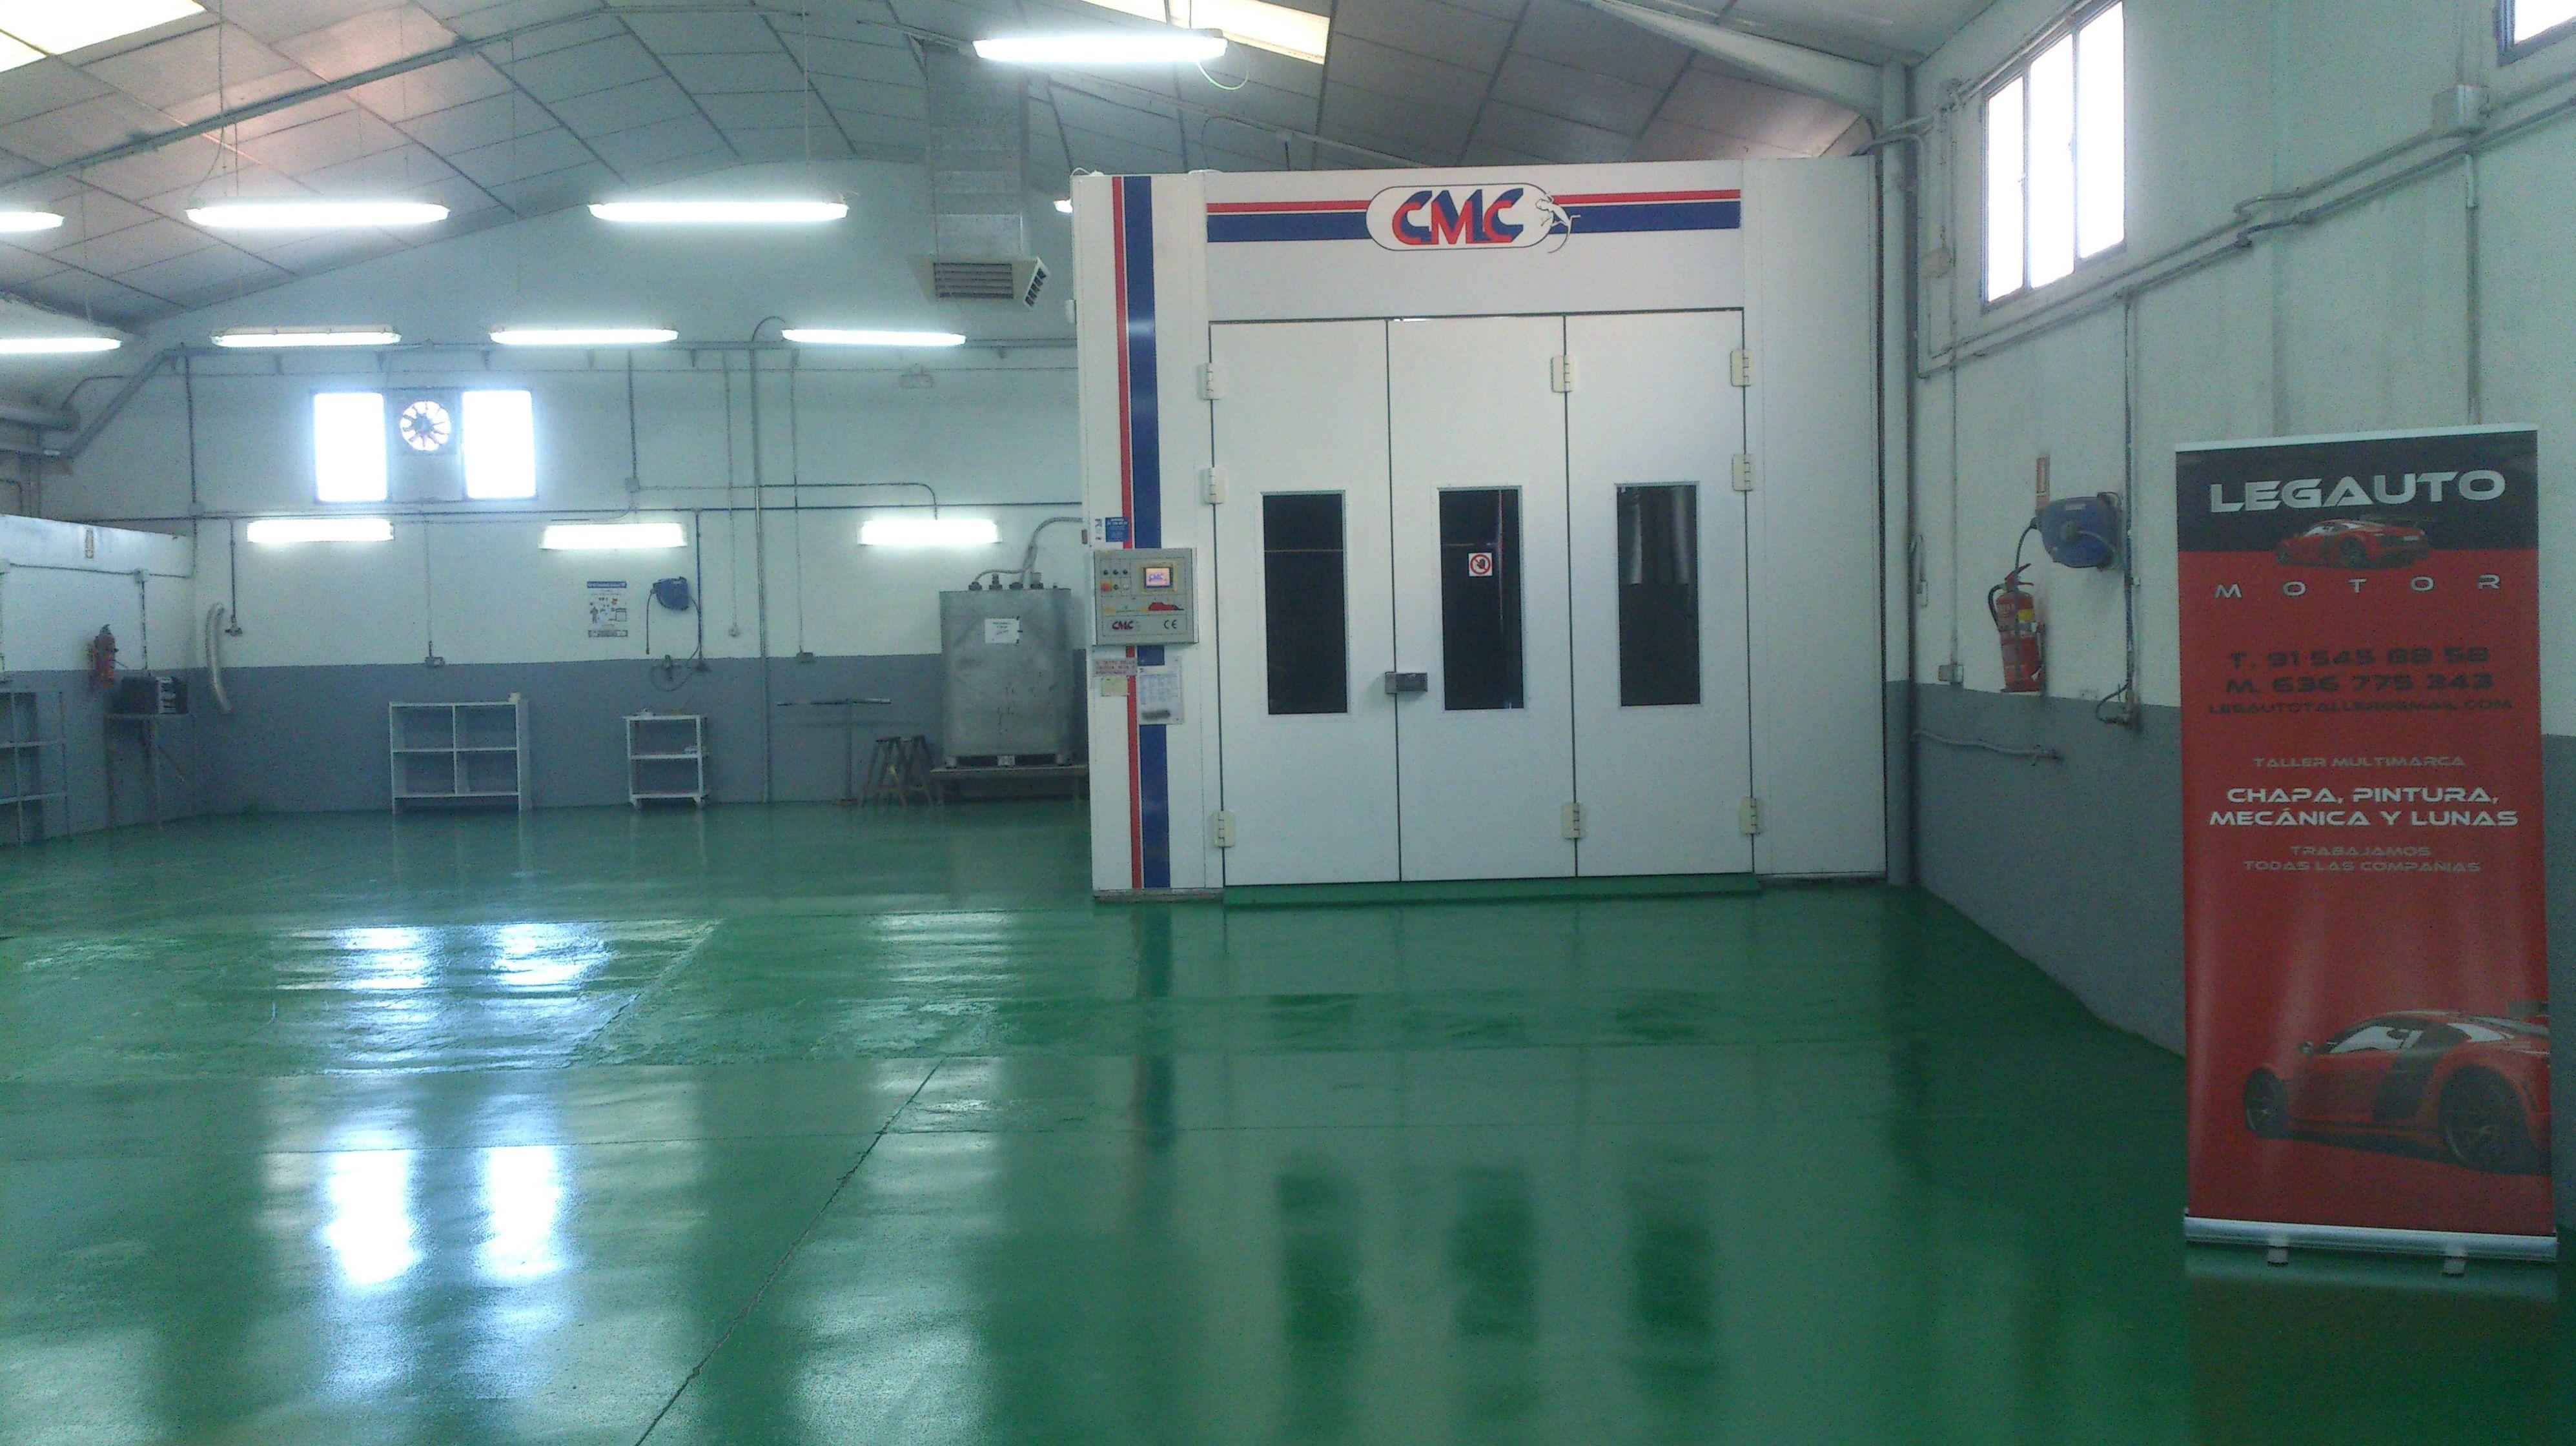 Legauto Motor.Cabina de pintura CMC